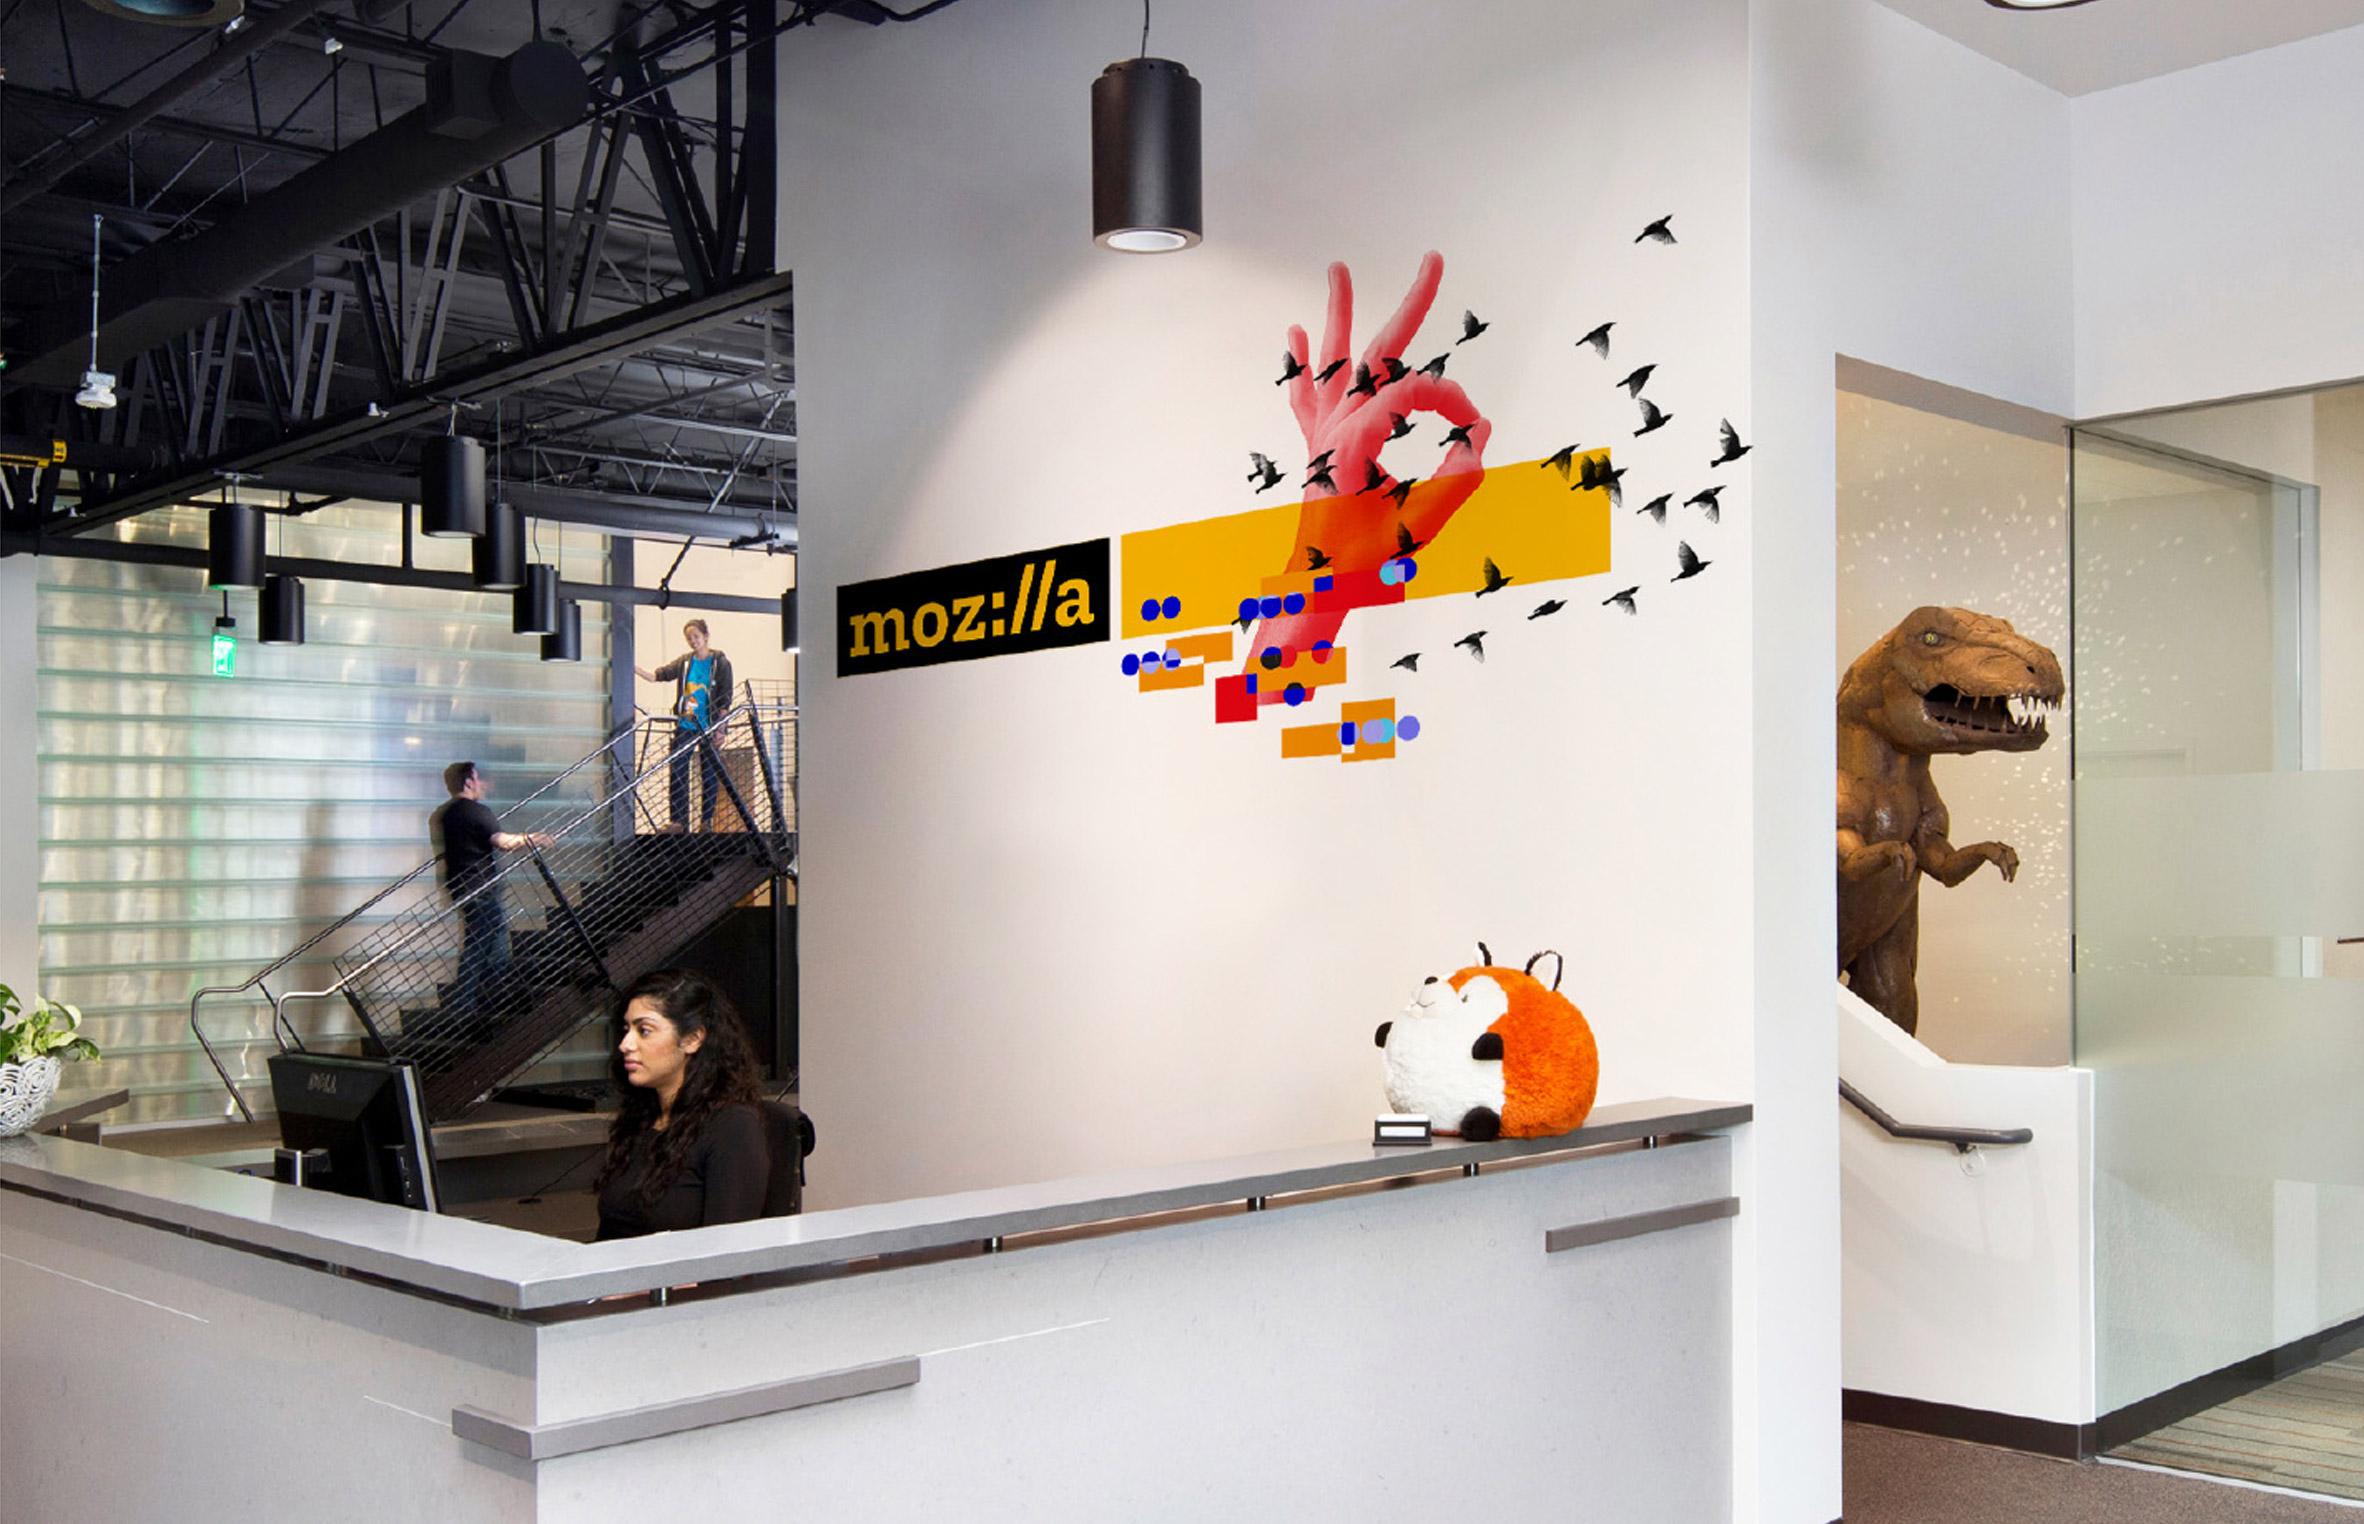 Rebrand Mozilla Creative Use